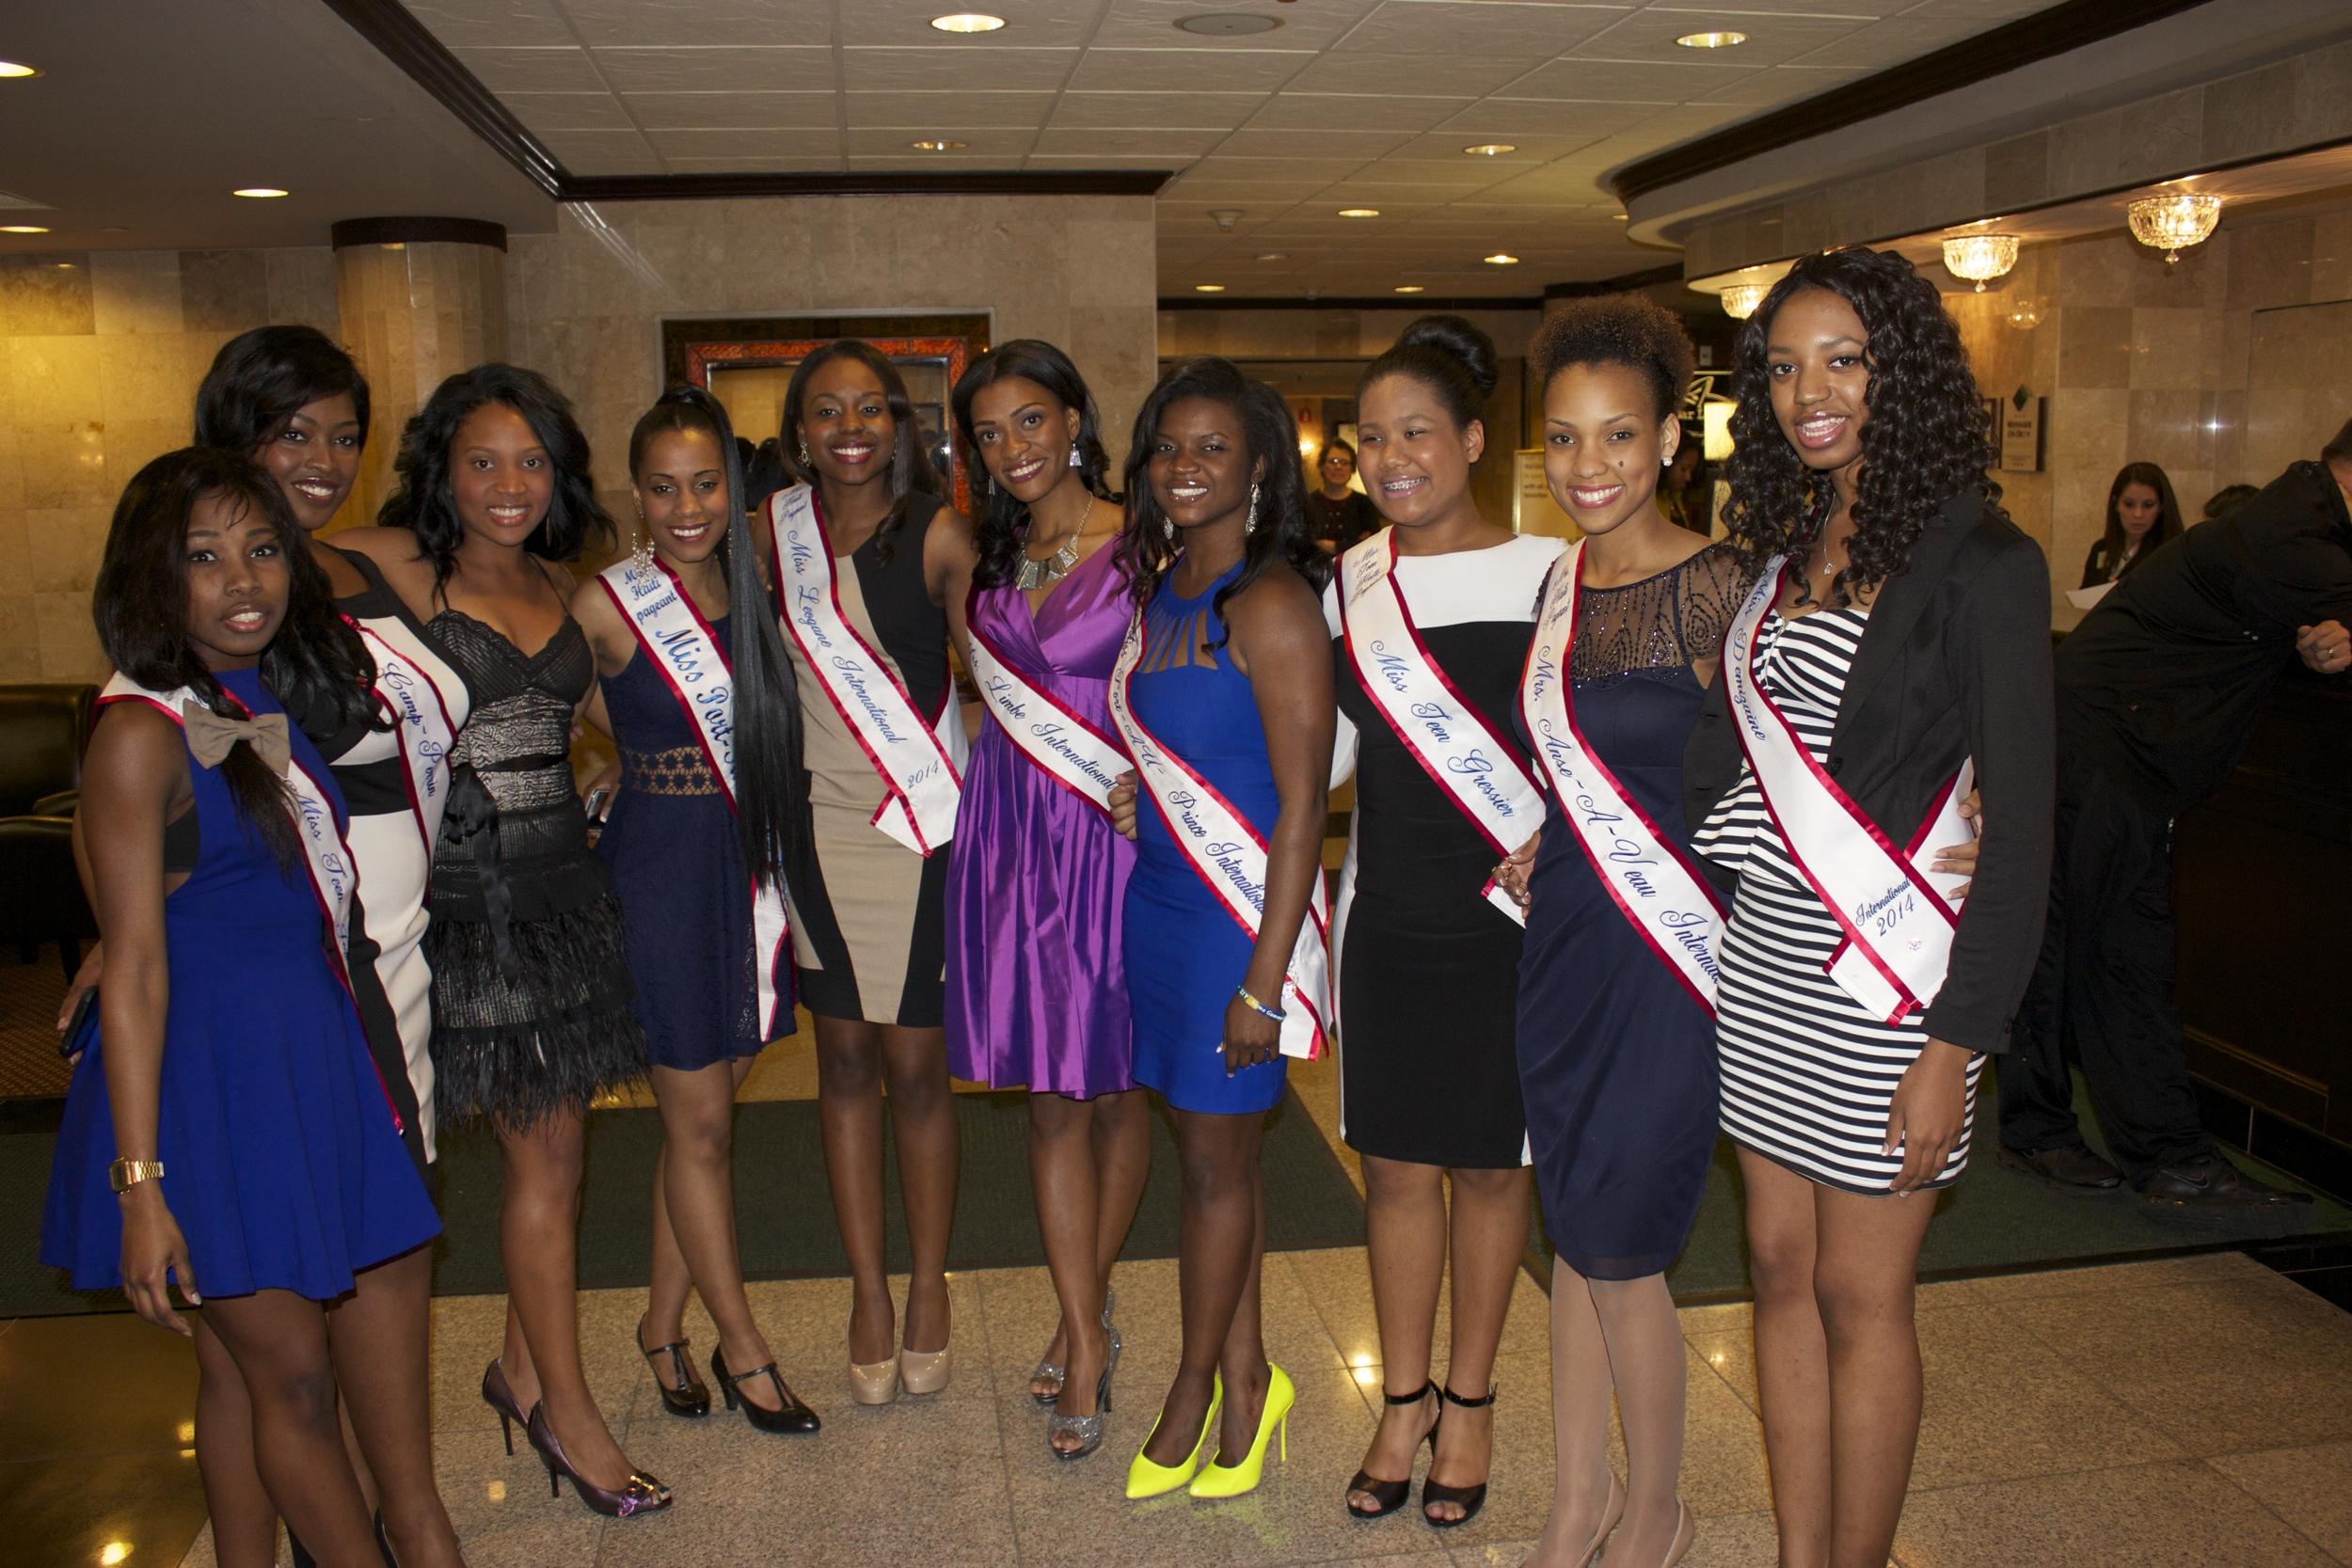 The beautiful Haitian women competing.